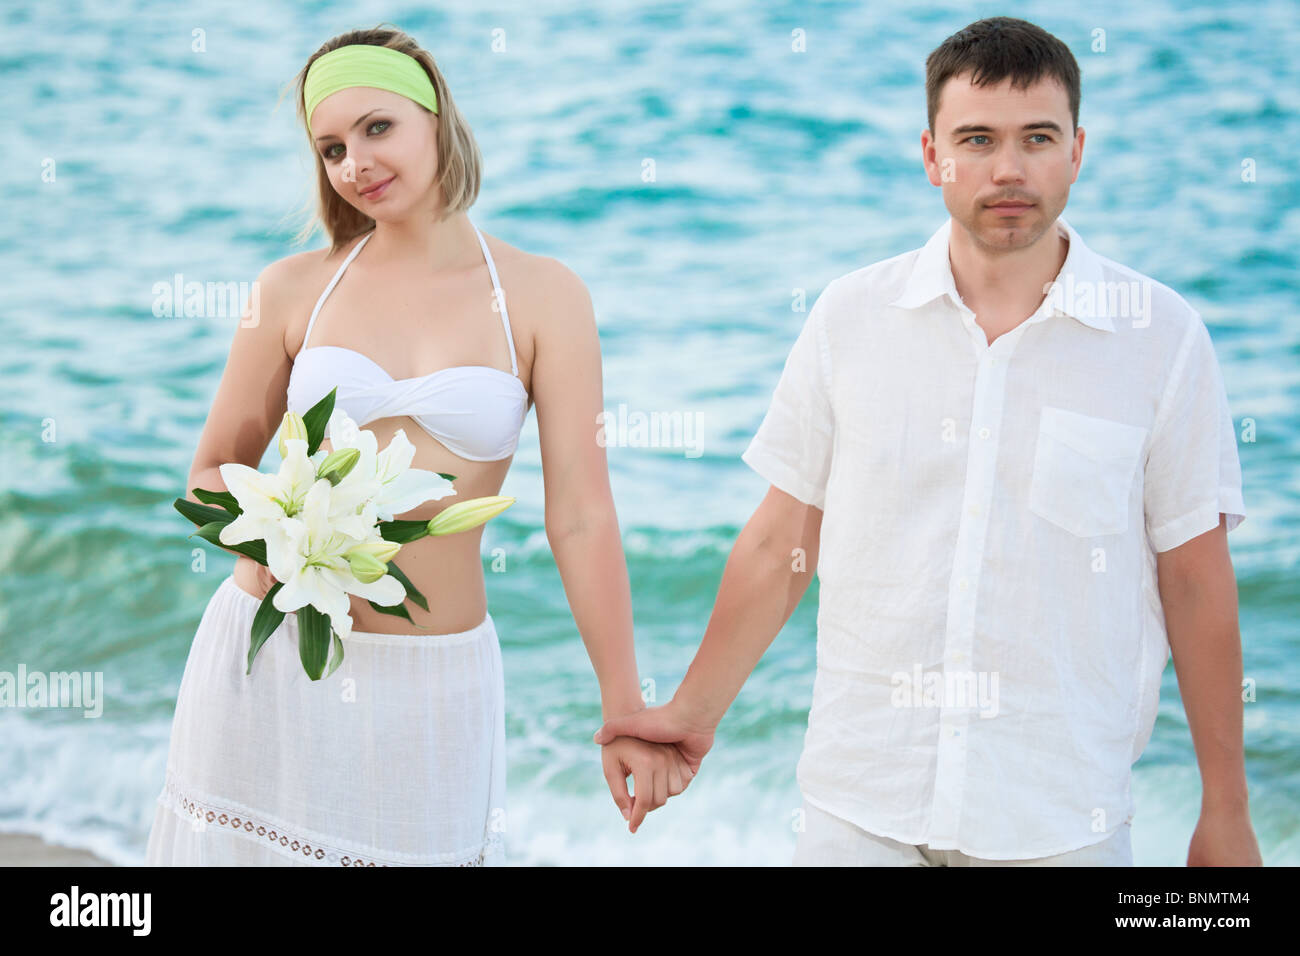 Wedding Couple Miami Beach Florida Stock Photos & Wedding Couple ...